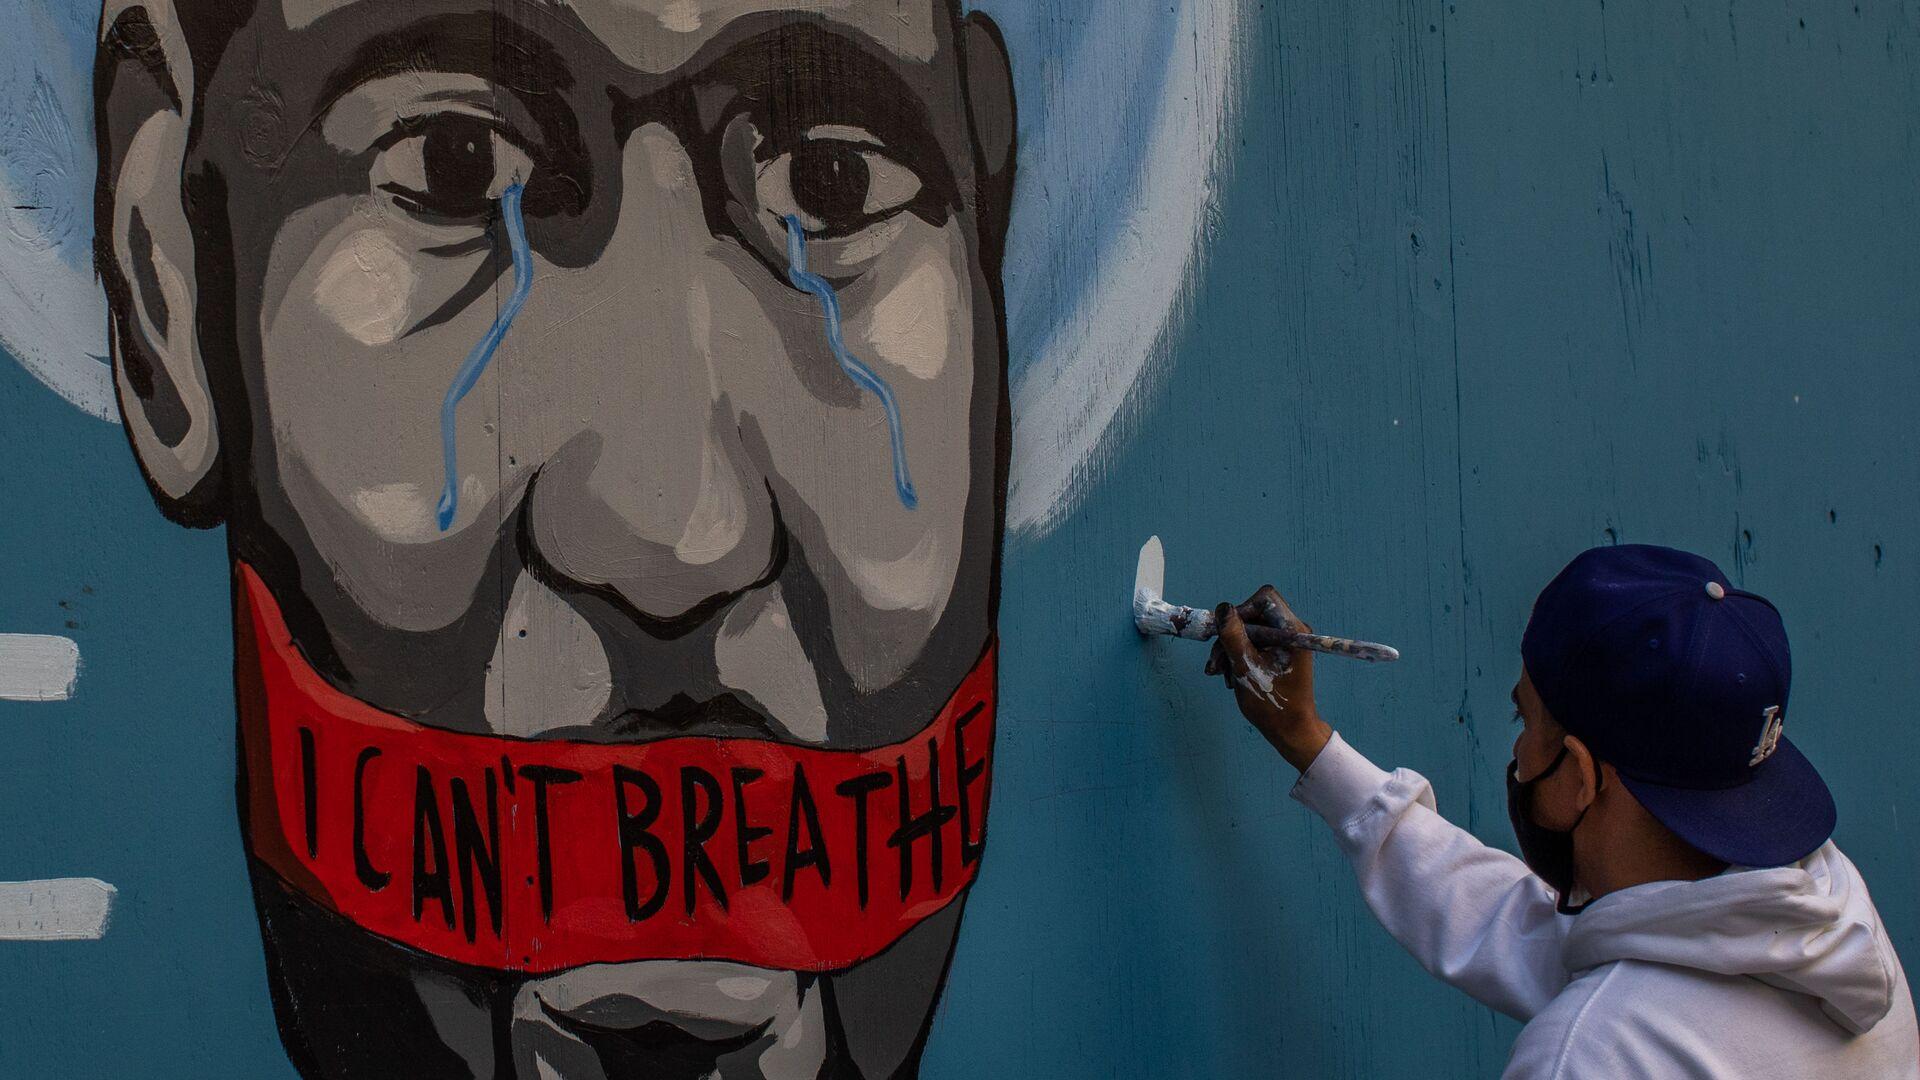 Граффити с изображением убитого полицейским афроамериканца Джорджа Флойда в Лос-Анджелесе - Sputnik Ελλάδα, 1920, 03.10.2021